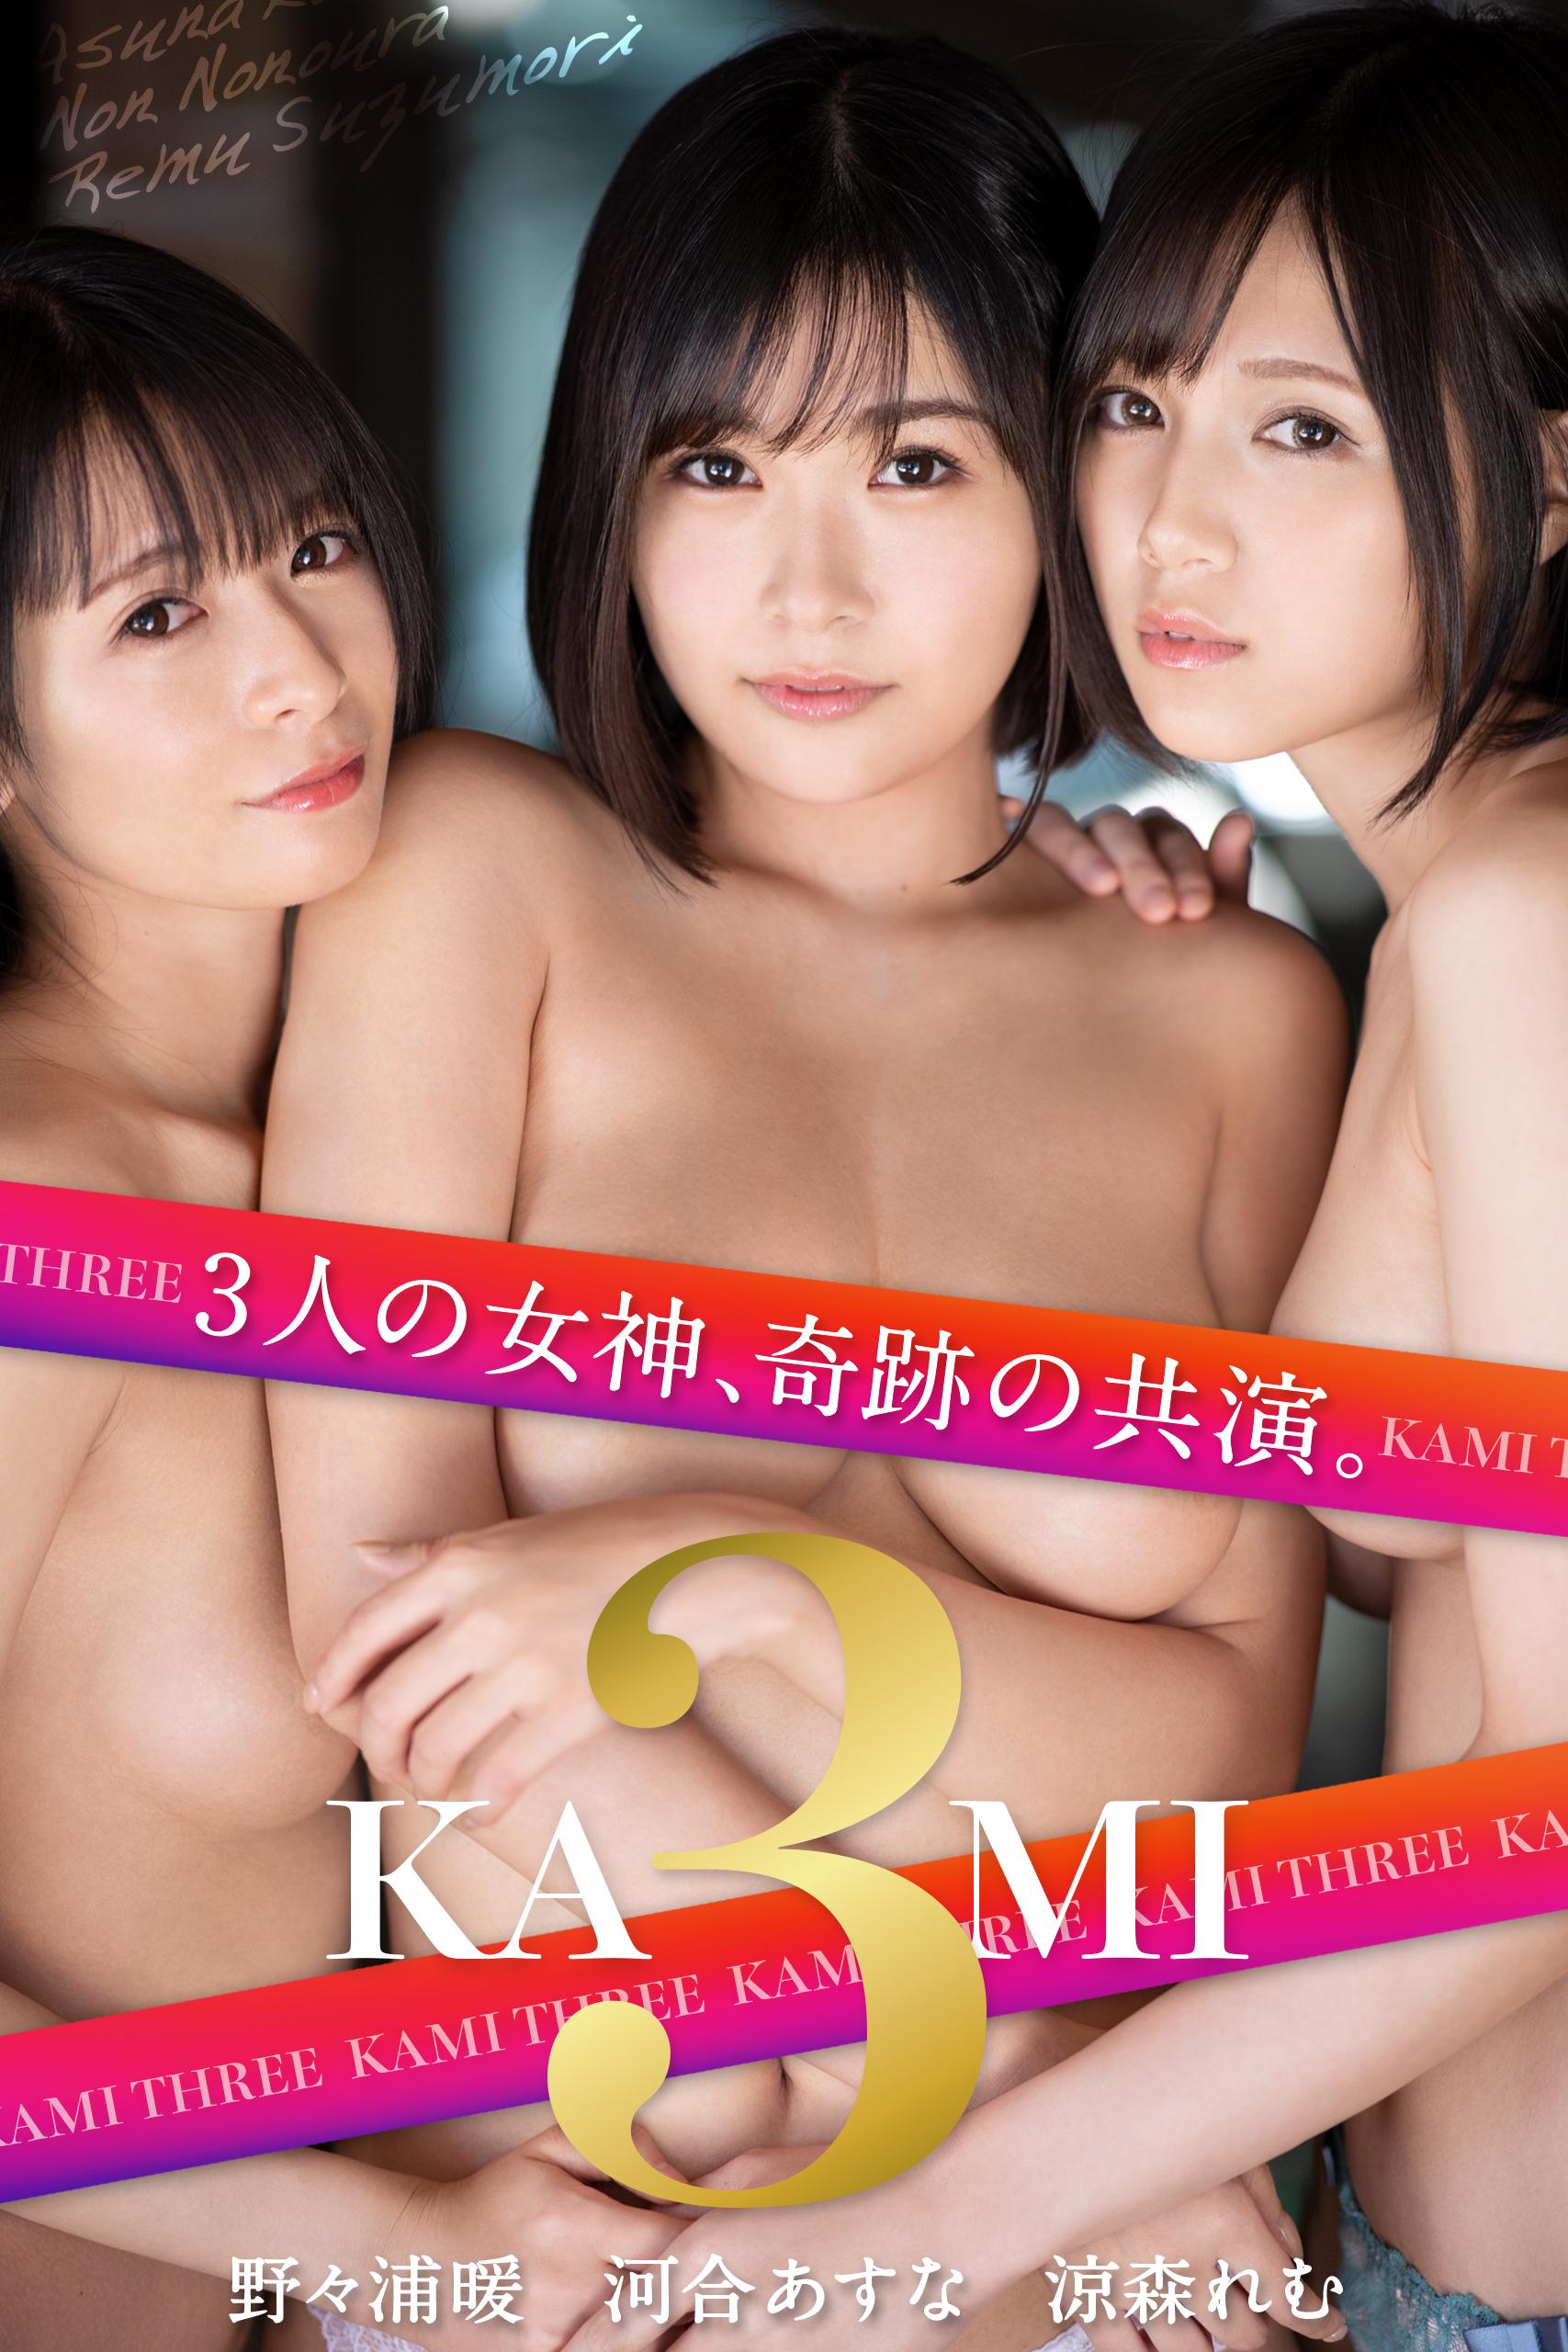 【特典映像付き!】KAMI3 〜3人の女神、奇跡の共演。〜河合あすな・野々浦暖・涼森れむ 【ヘアヌード写真集】